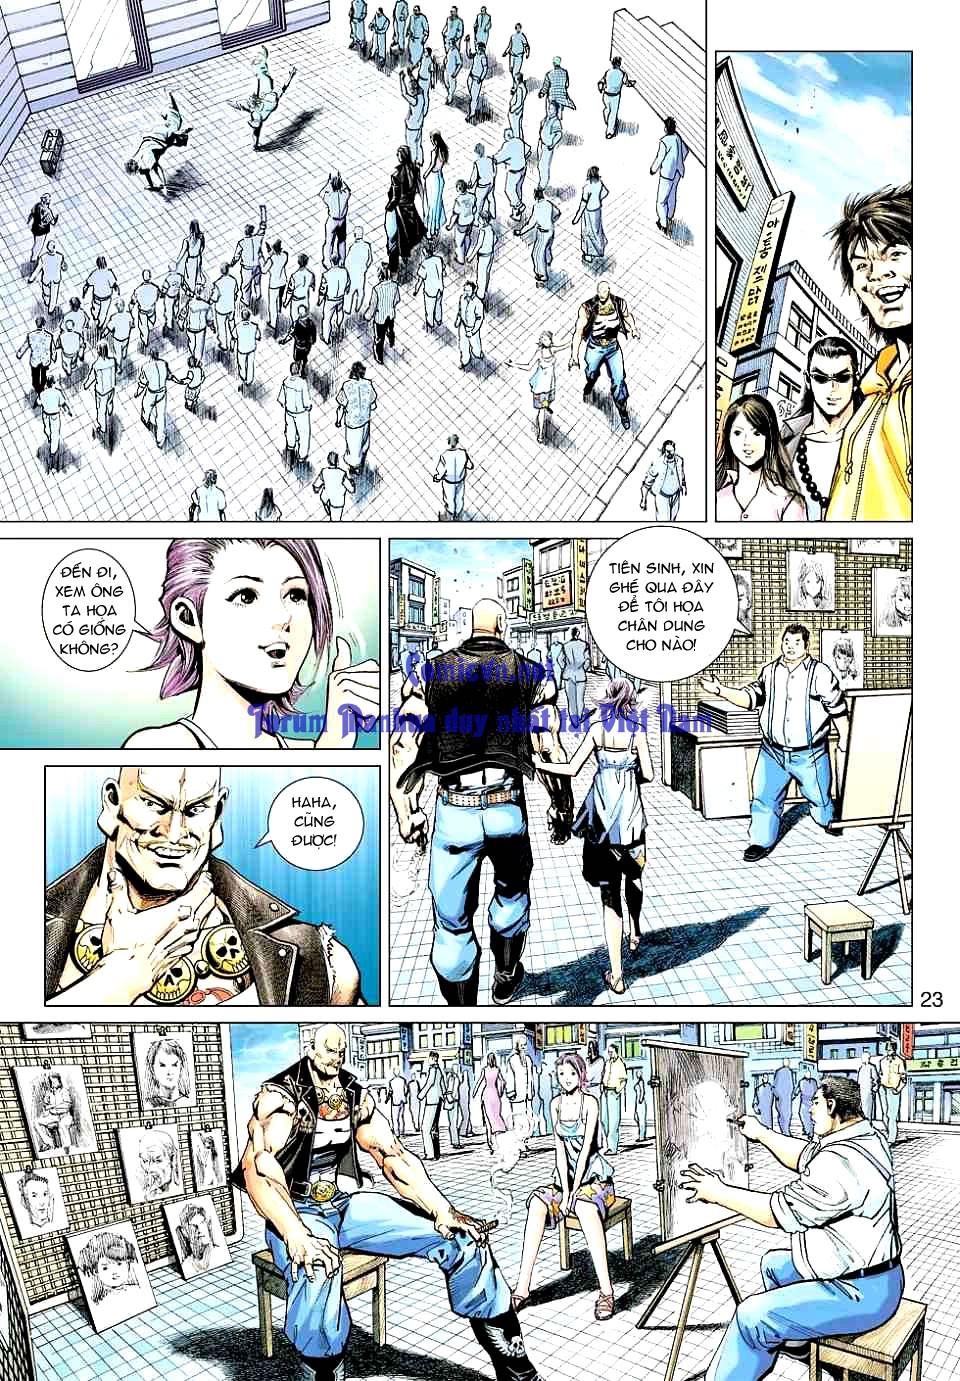 Vương Phong Lôi 1 chap 12 - Trang 22